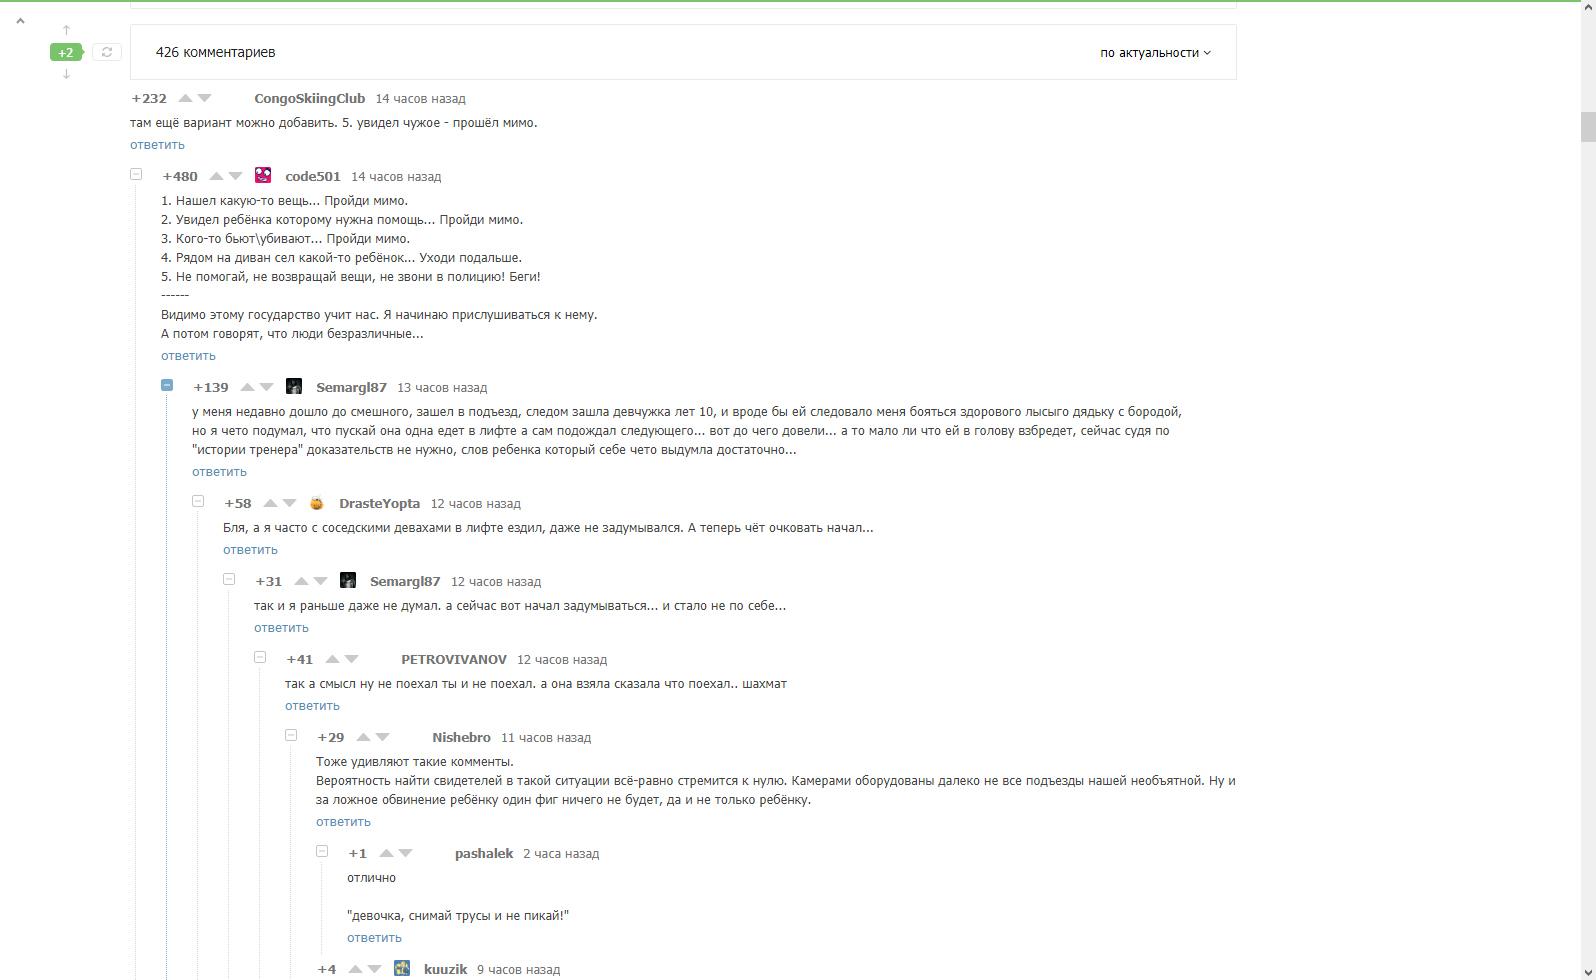 Как сделать заказ орифлейм через интернет консультанту